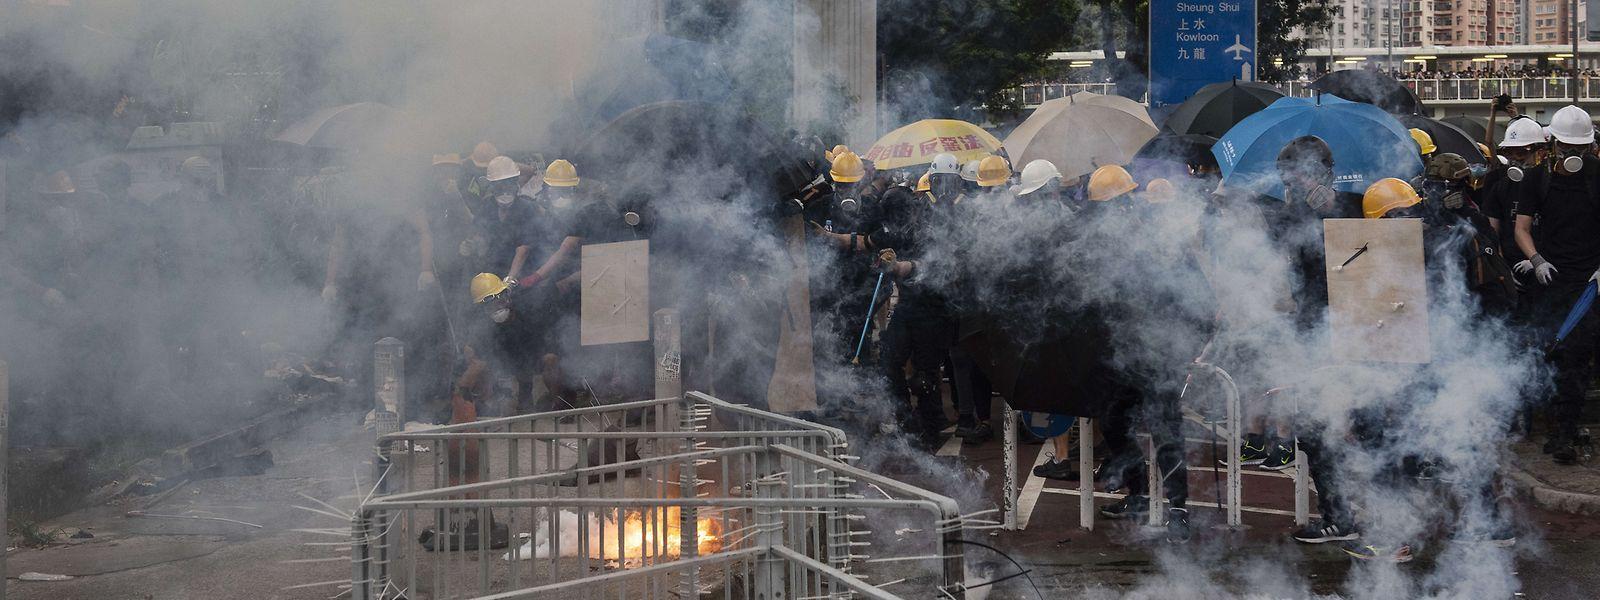 Die Polizei hat Tränengas gegen die Demonstranten eingesetzt.